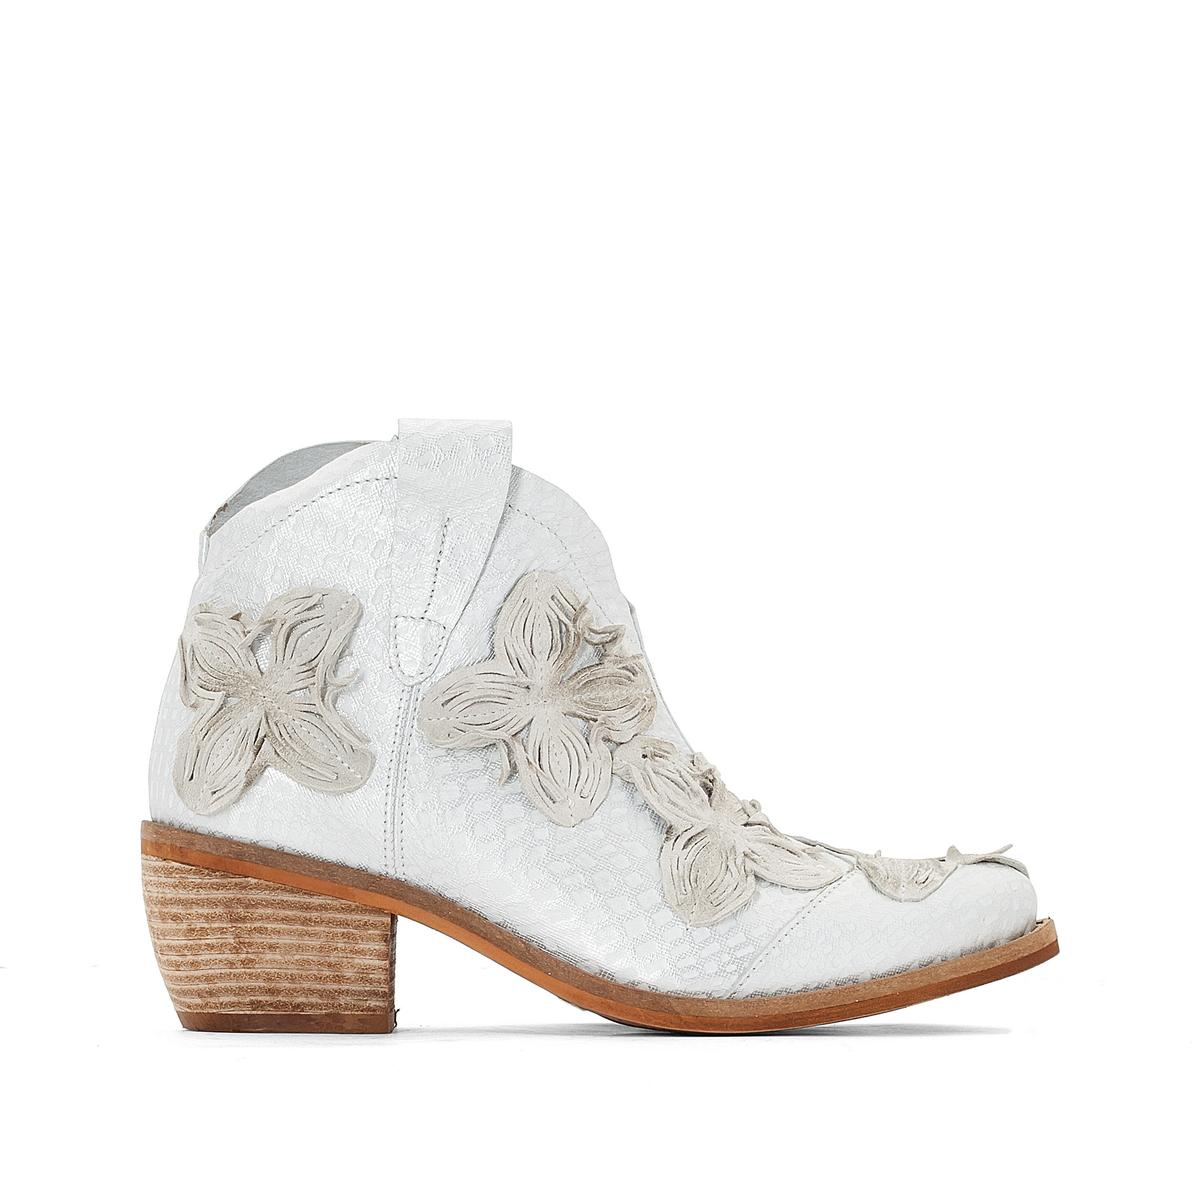 Ботильоны кожаные JoleneВерх : кожа   Подкладка : кожа   Стелька : кожа   Подошва : резина   Высота каблука : 5 см   Форма каблука : квадратный каблук   Мысок : заостренный мысок     Застежка : молния<br><br>Цвет: серебристый<br>Размер: 41.39